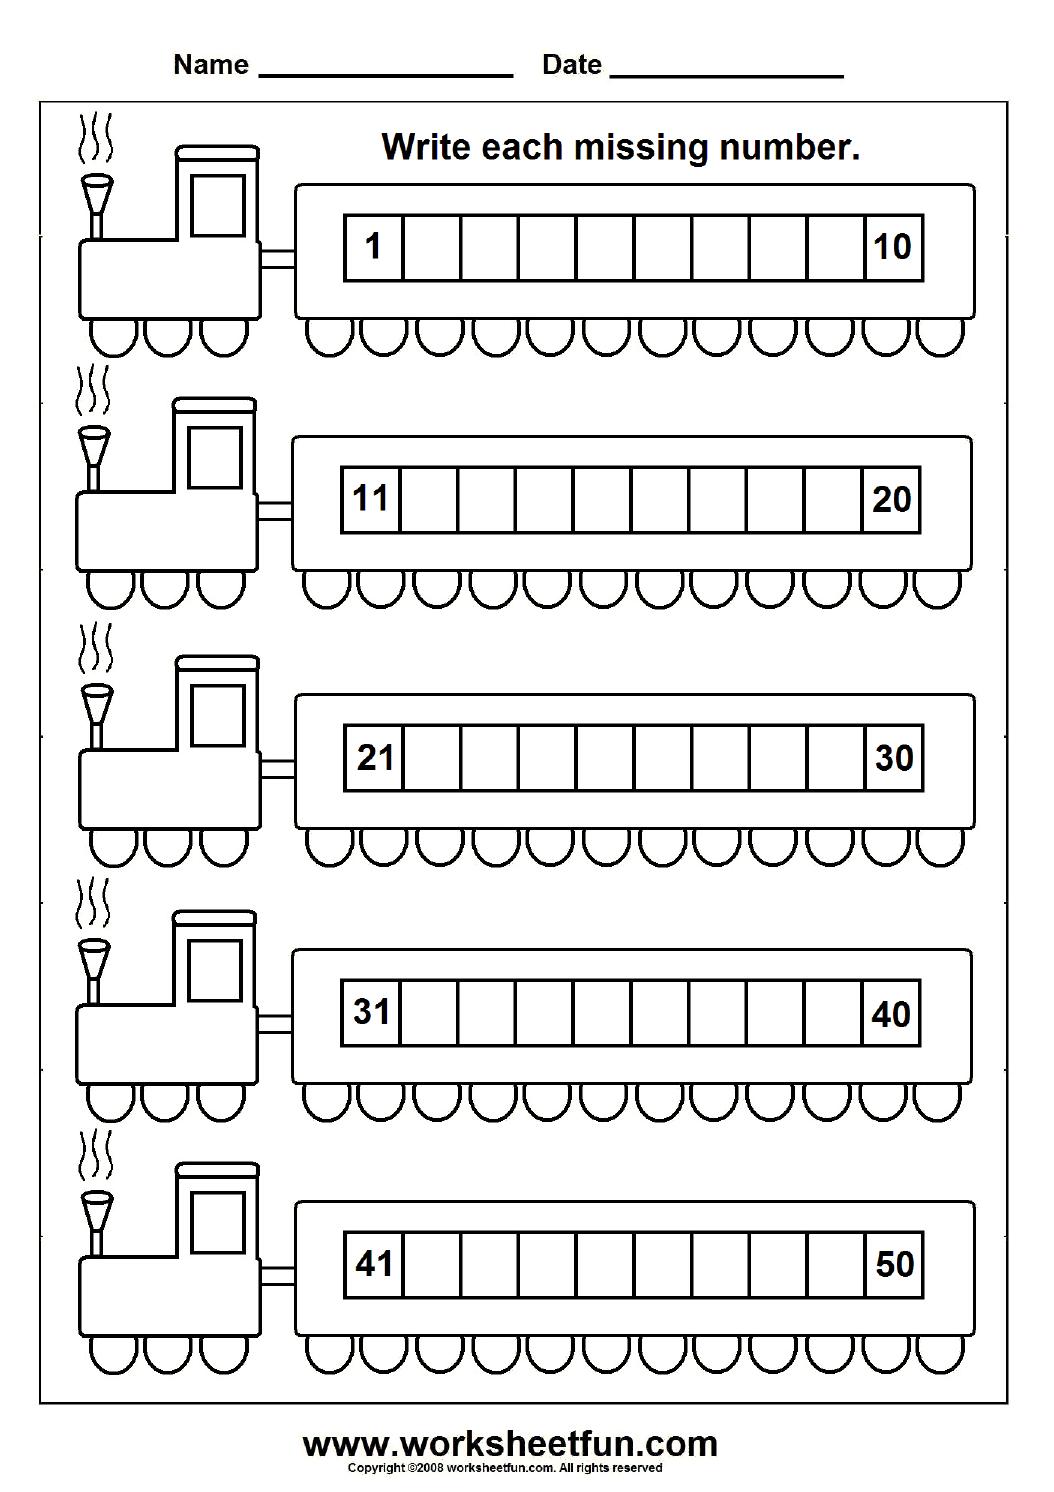 Missing Numbers (1-50) - 6 Worksheets | Printable Worksheets - Free Printable Numbers 1 50